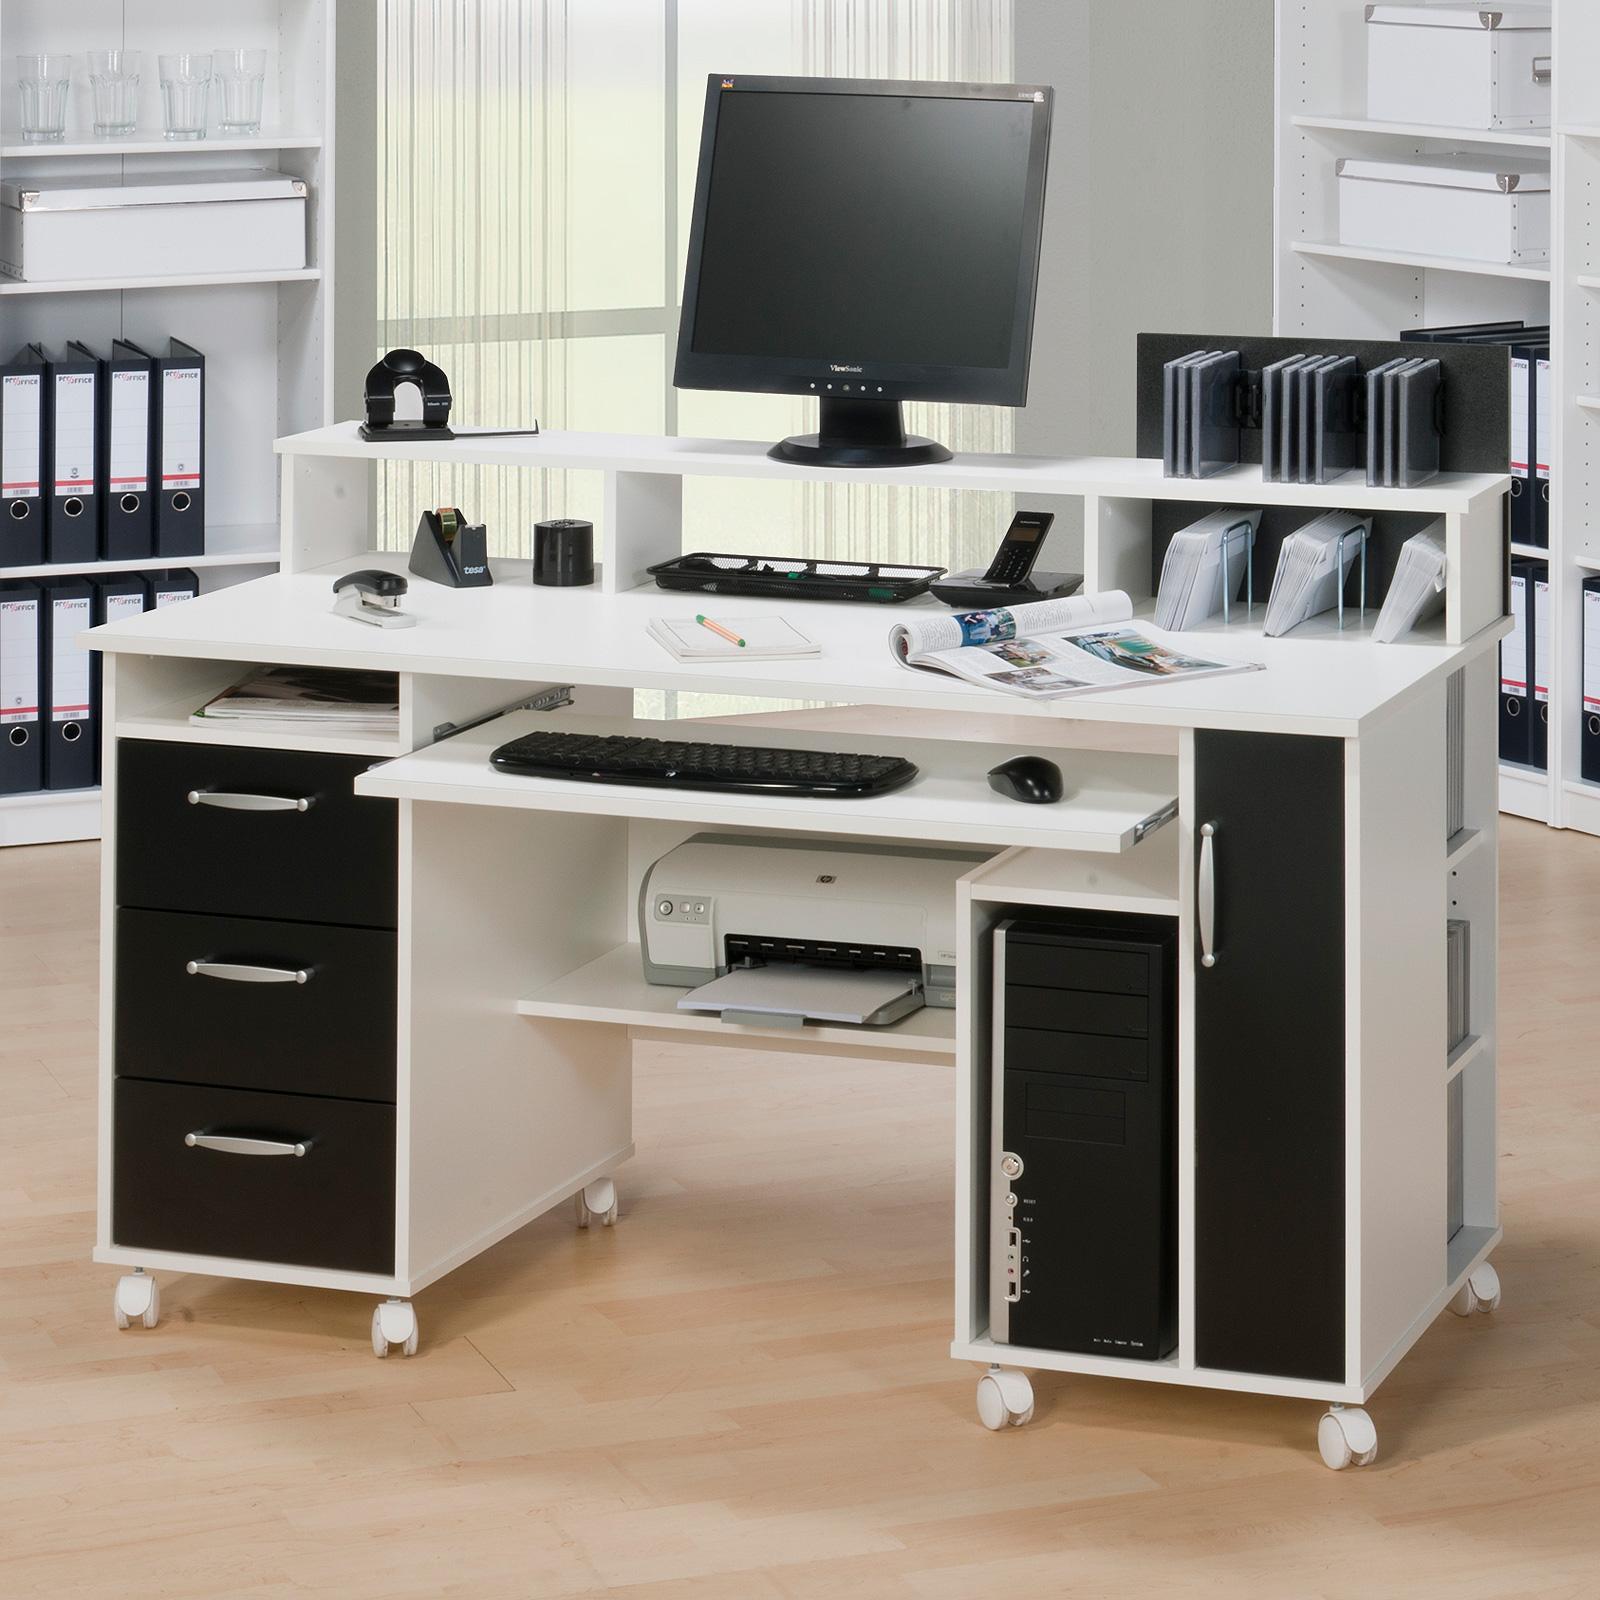 schreibtisch maja 9475 computertisch pc tisch b rotisch tisch farbauswahl ebay. Black Bedroom Furniture Sets. Home Design Ideas